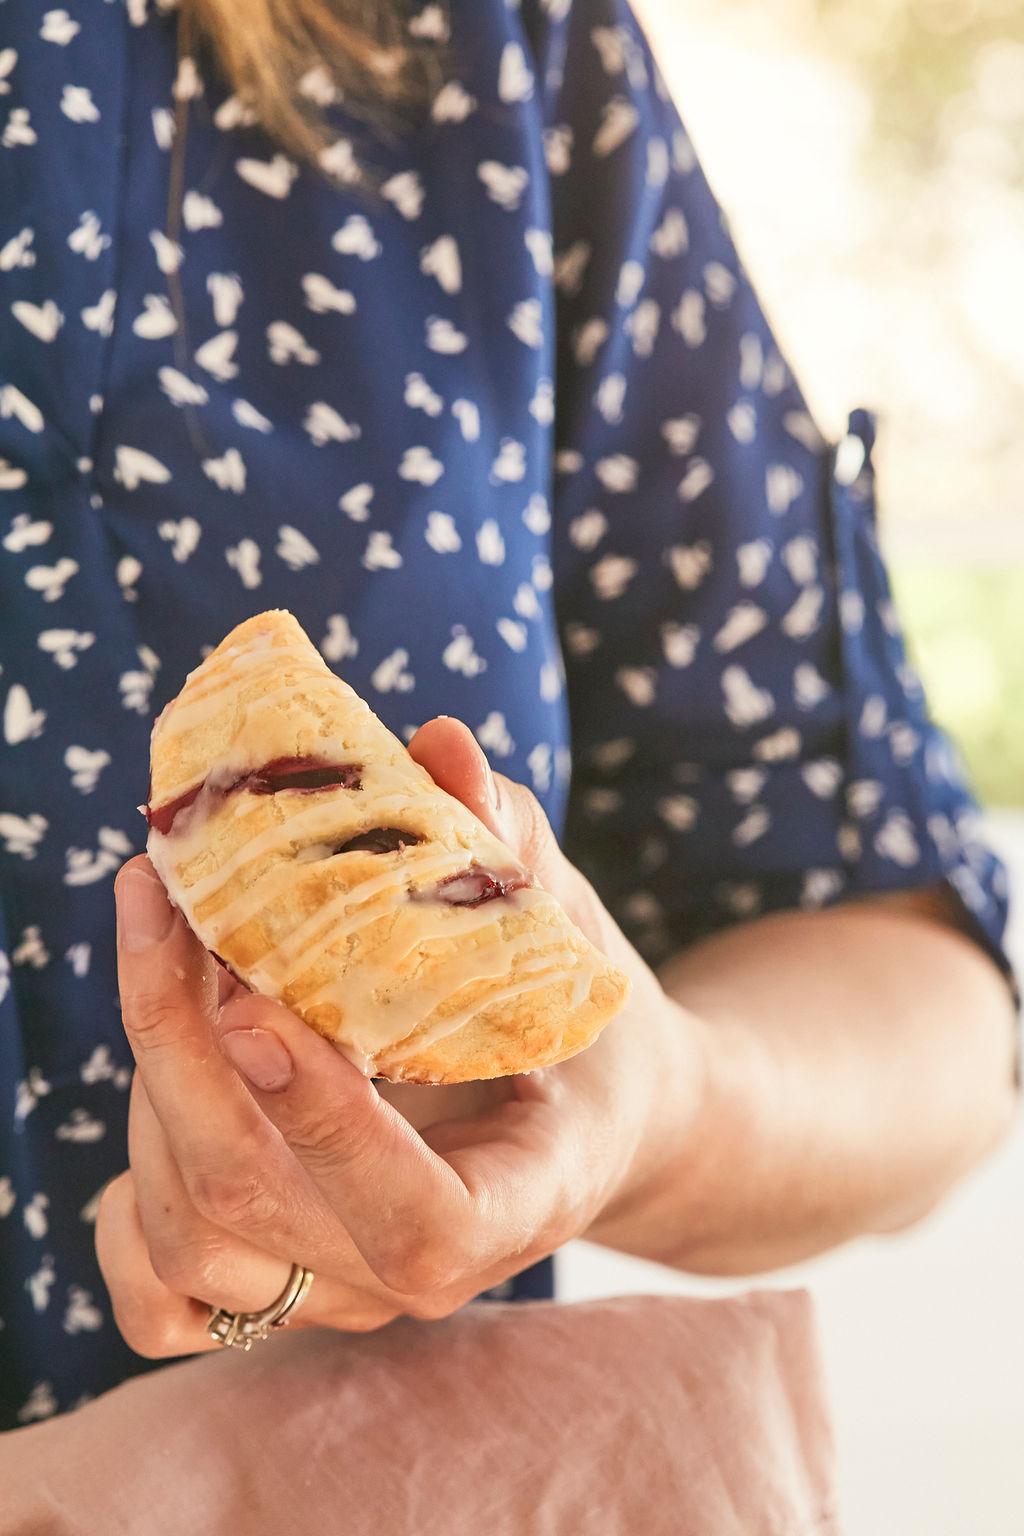 Gemma Stafford holding her Cherry Hand Pie.